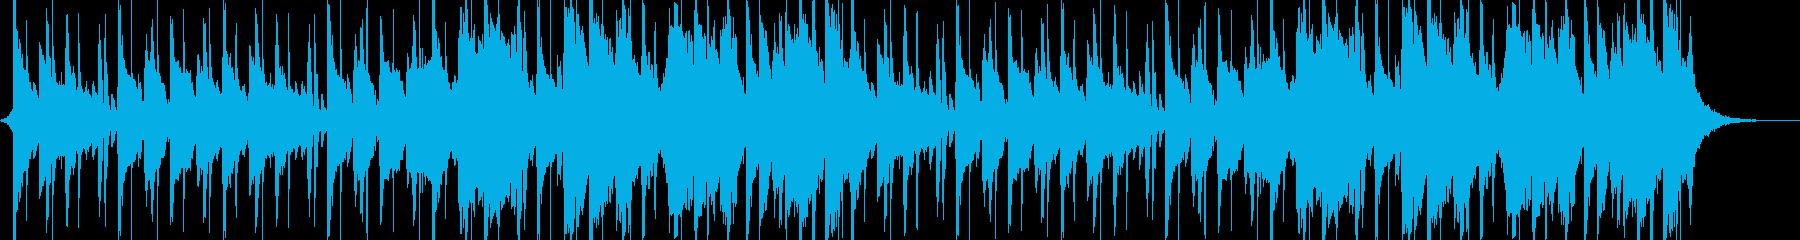 艶美な感じのジャズホップの再生済みの波形